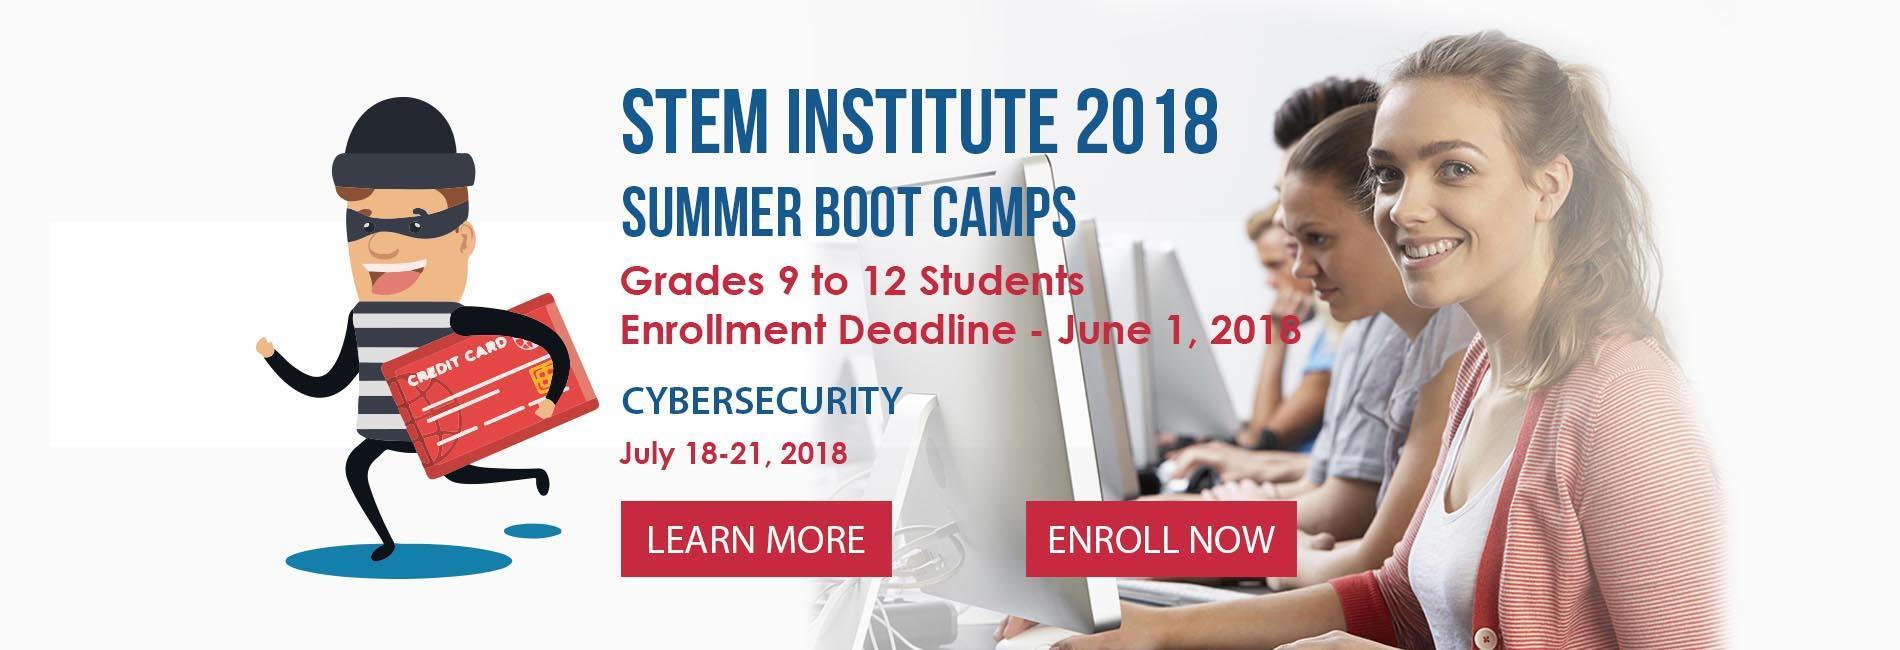 VIU STEM Institute- Cyber Security